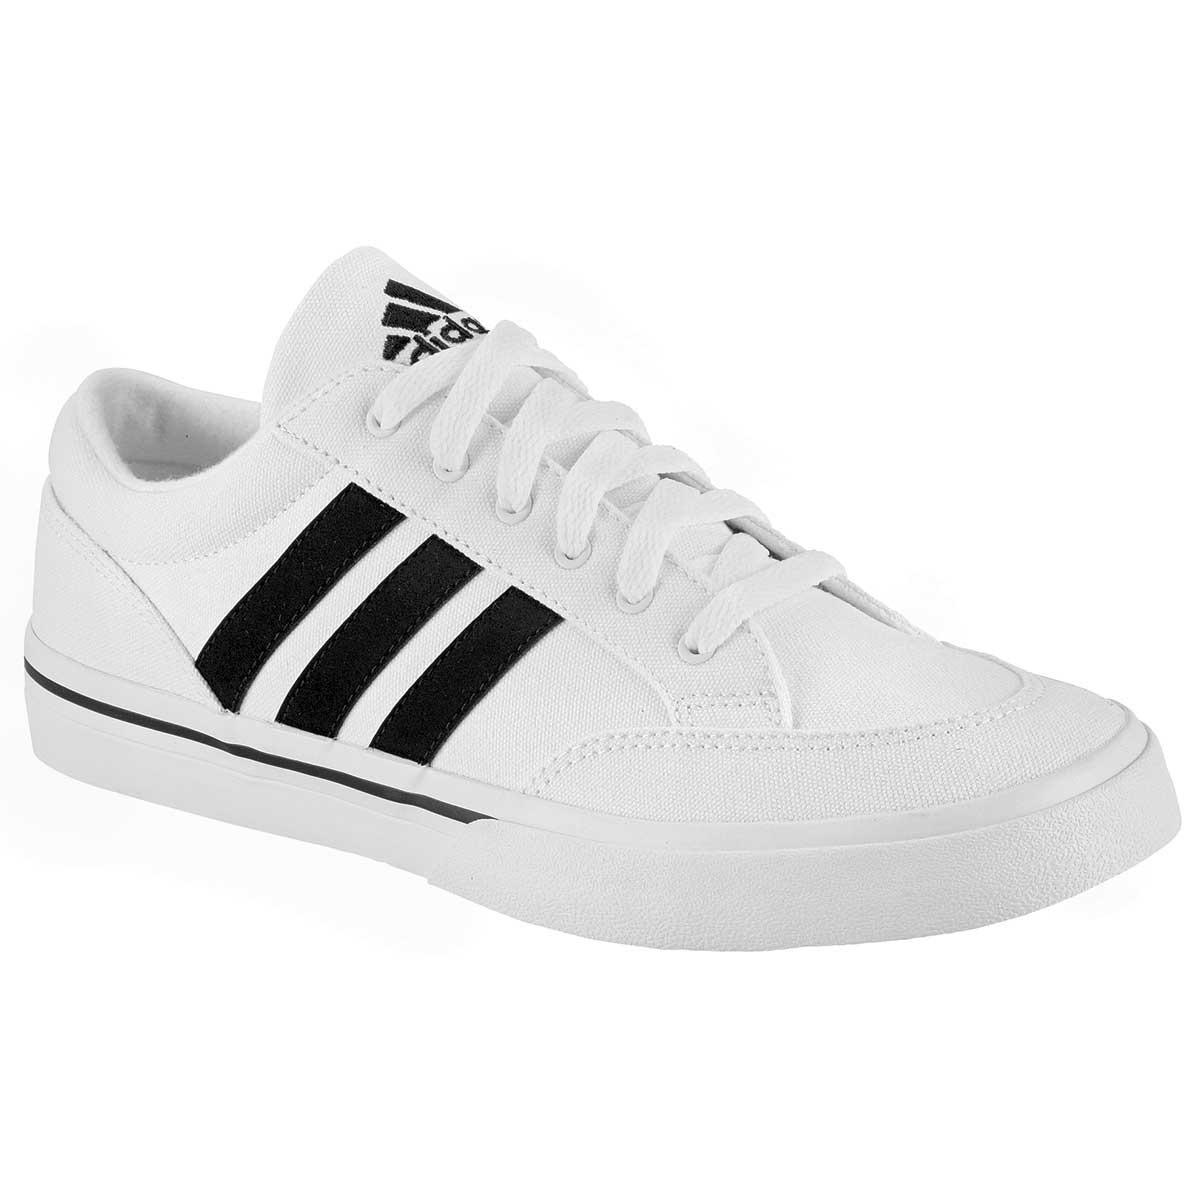 nuevo concepto ad689 63f6e Tenis adidas Canvas Blanco Negro 22-29.5 Originales